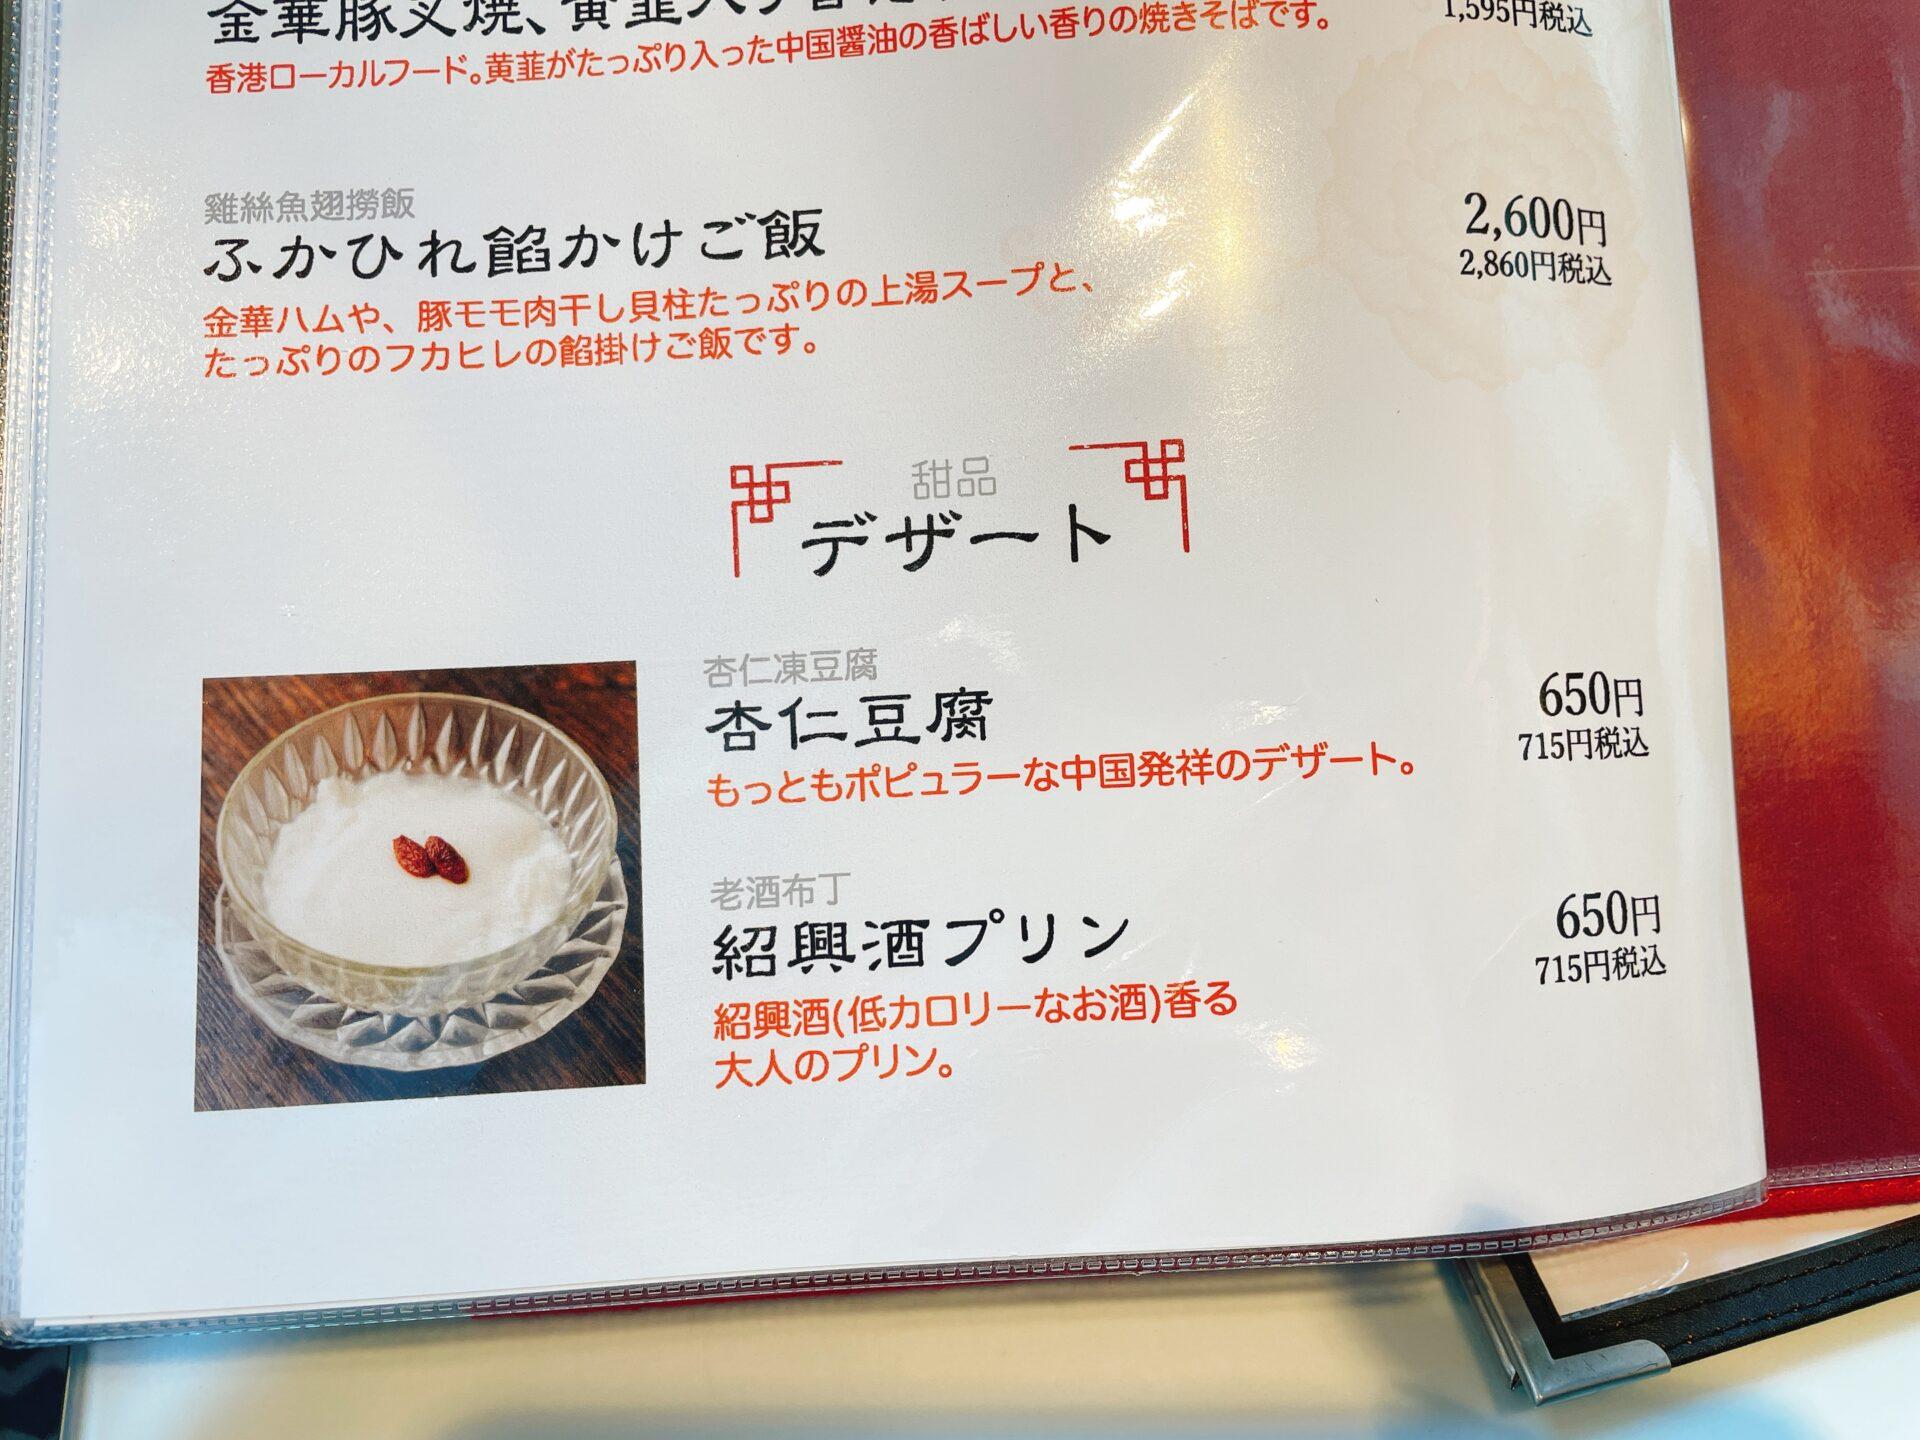 代沢金威のアラカルトメニュー デザート